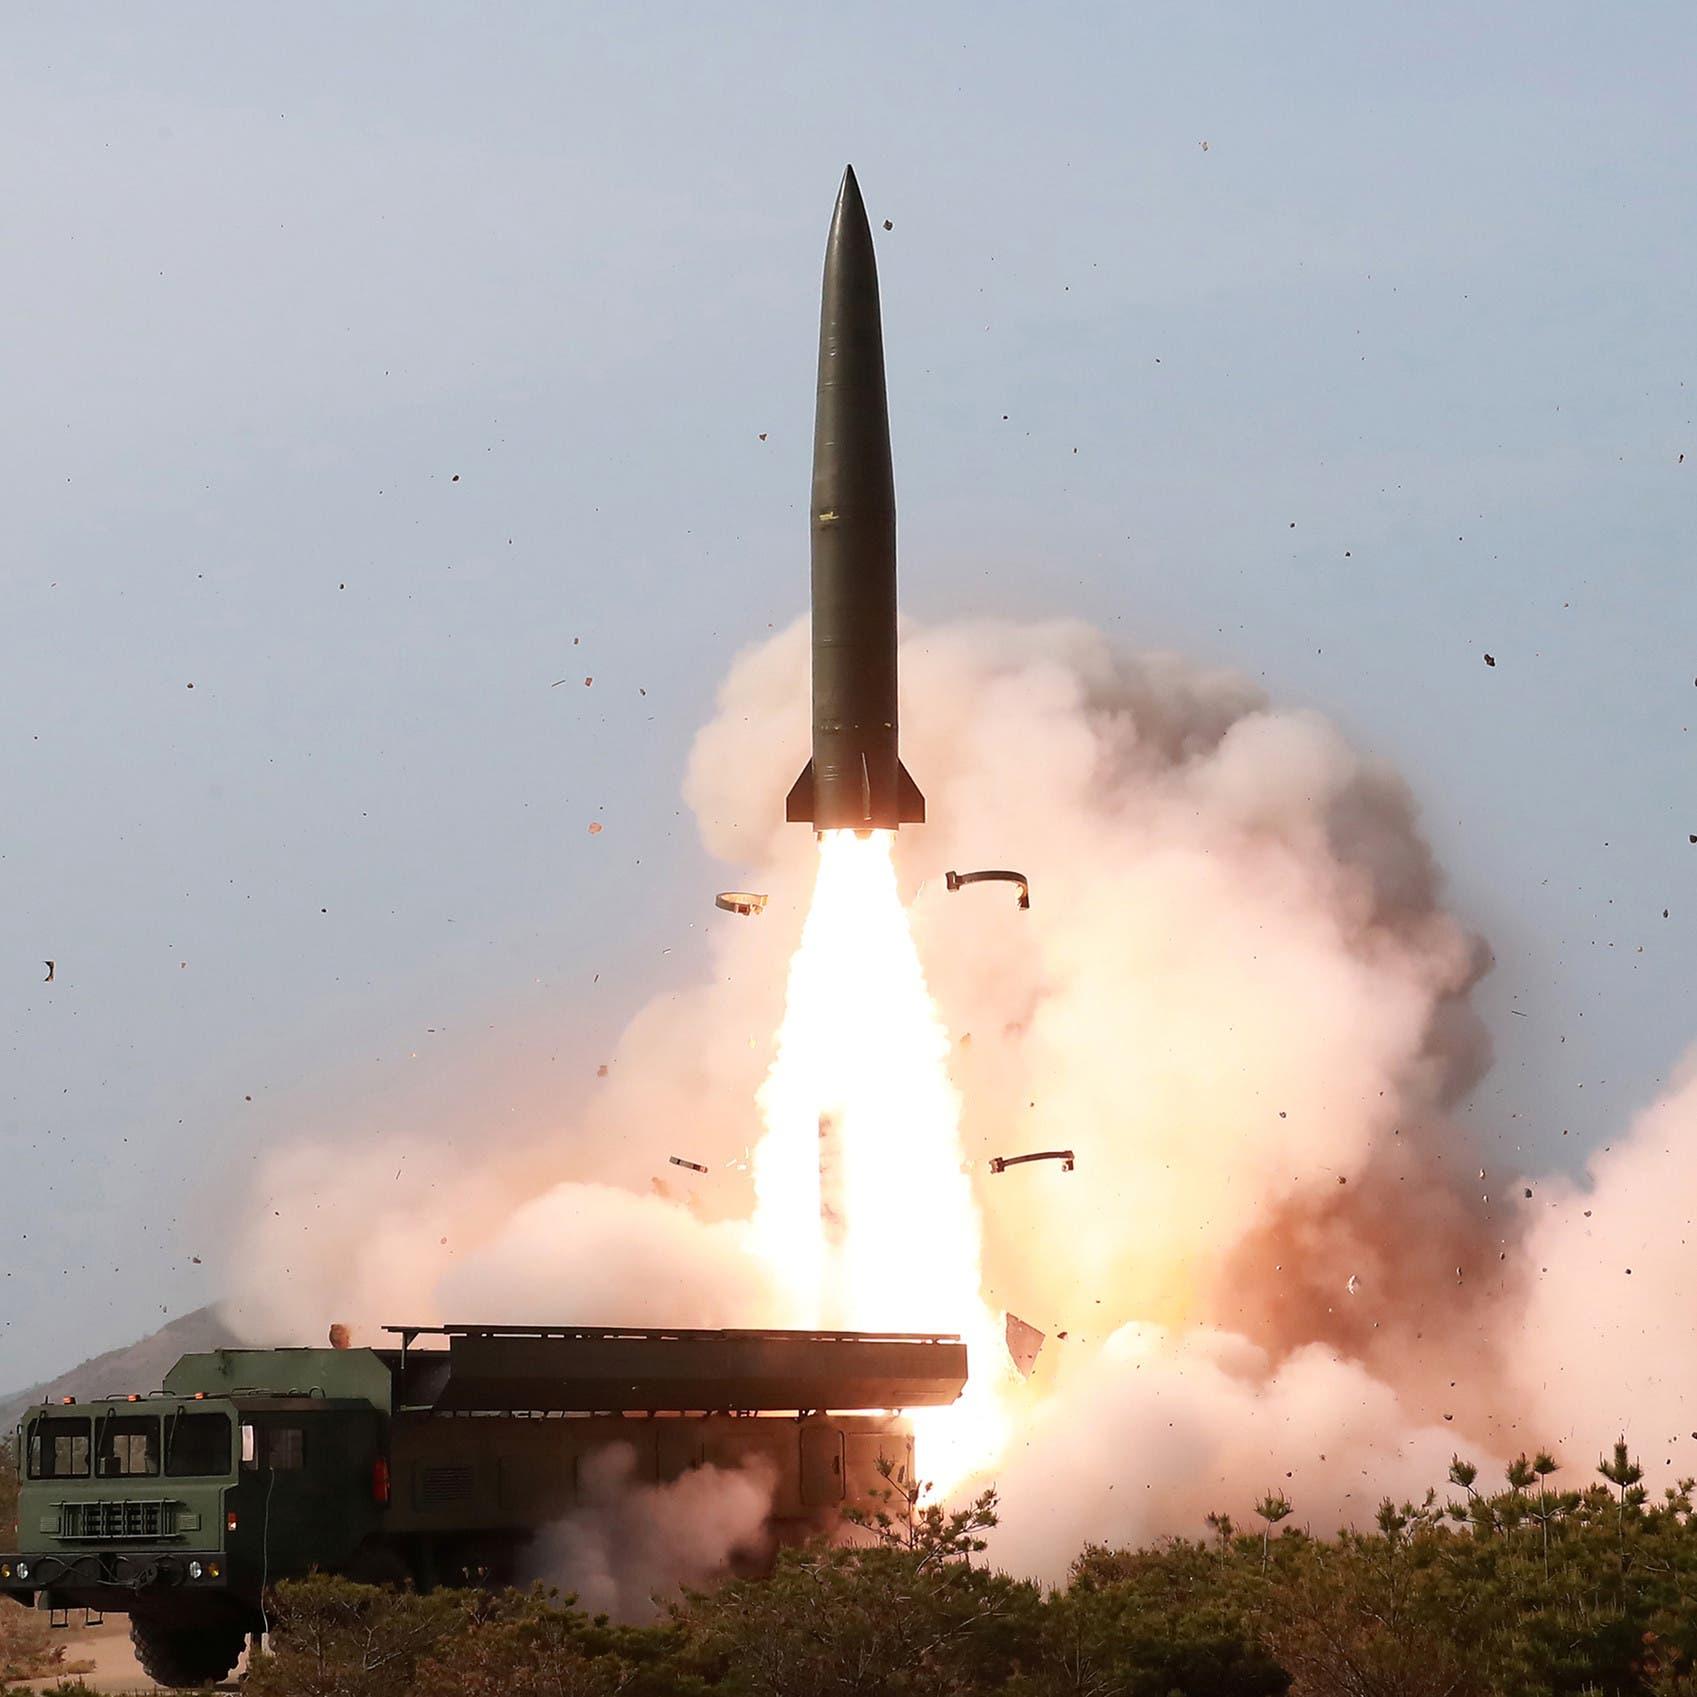 كوريا الشمالية أطلقت قذائف.. وترمب لا يشعر بالقلق